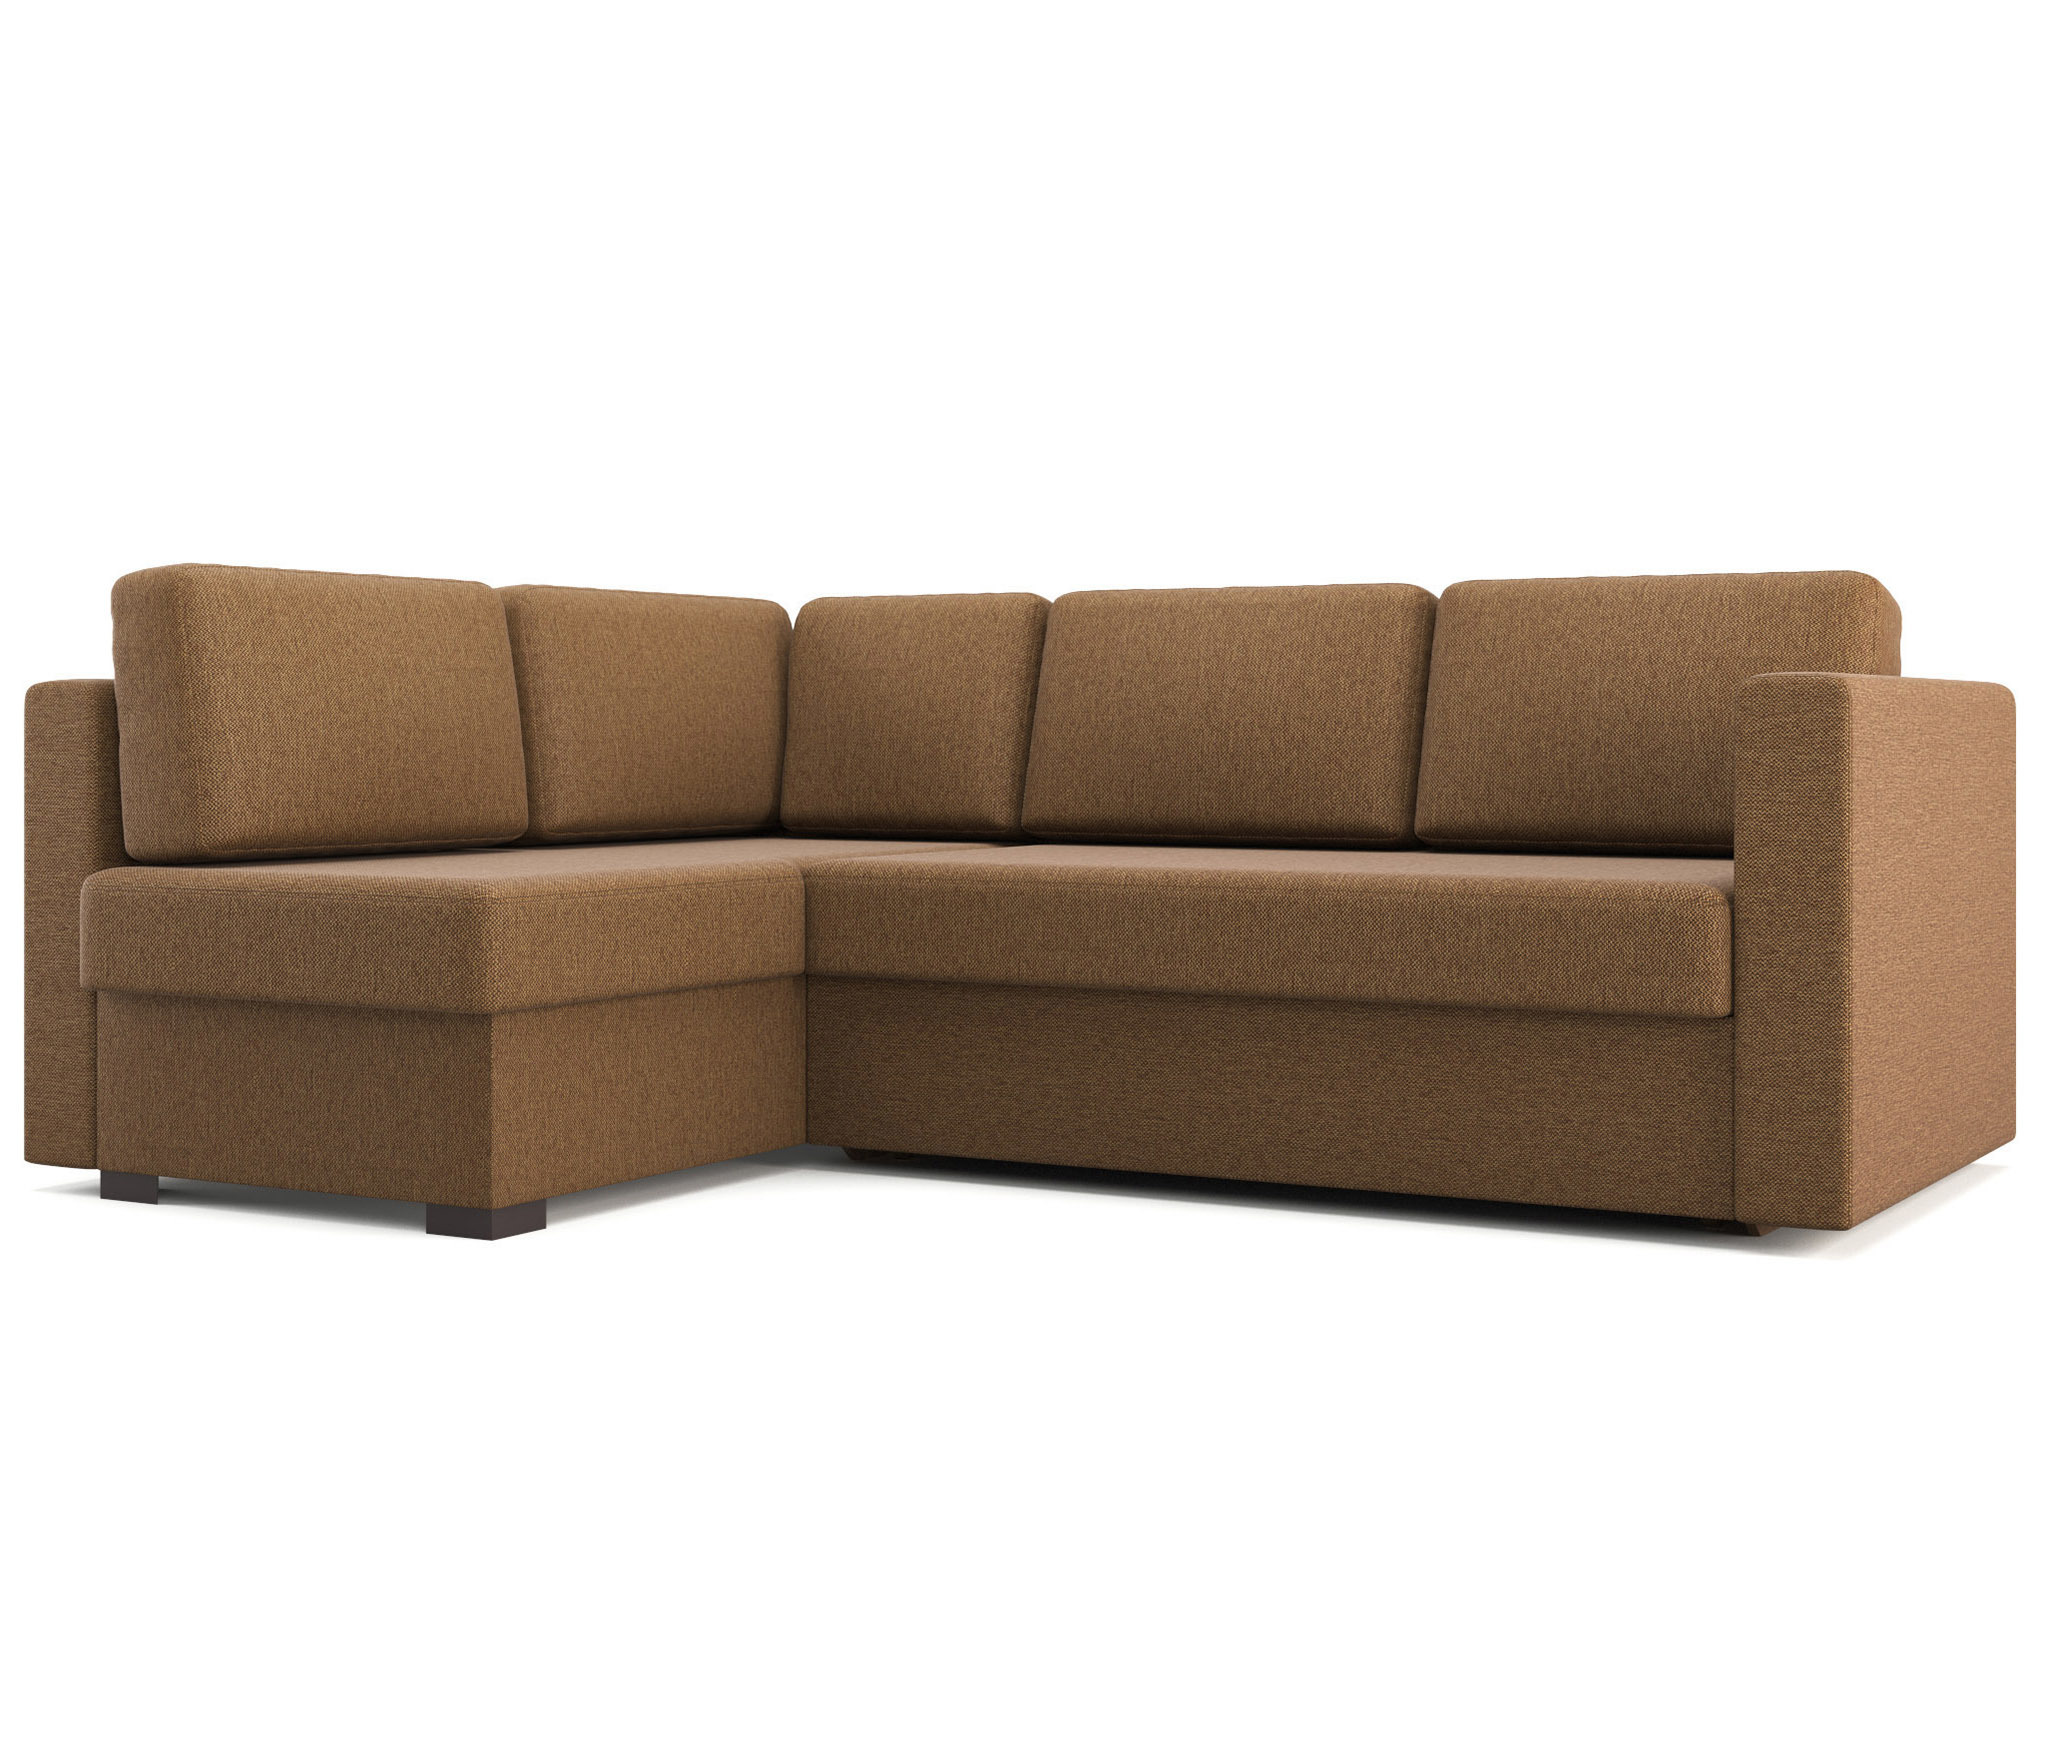 Угловой диван Джессика (левый)Мягкая мебель<br>Механизм трансформации: Дельфин&#13;Расположение угла: Левое&#13;Наличие ящика для белья: да&#13;Материал каркаса: Массив, ЛДСП, Фанера&#13;Наполнитель: ППУ&#13;Размер спального места (мм): 1400х1900&#13;Высота сиденья от пола: 42см]]&gt;<br><br>Длина мм: 2200<br>Высота мм: 850<br>Глубина мм: 1570